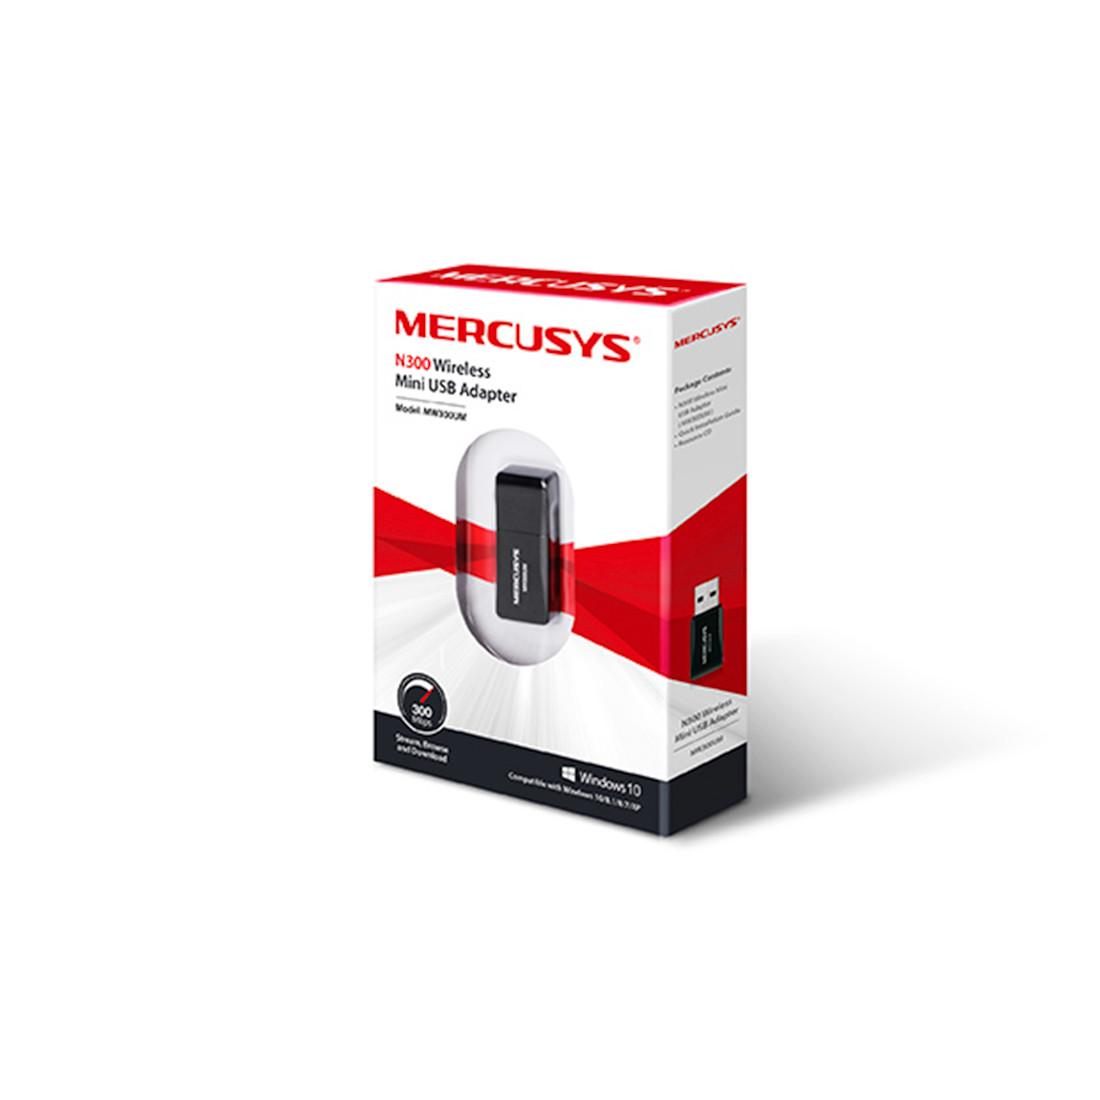 USB-адаптер Mercusys MW300UM